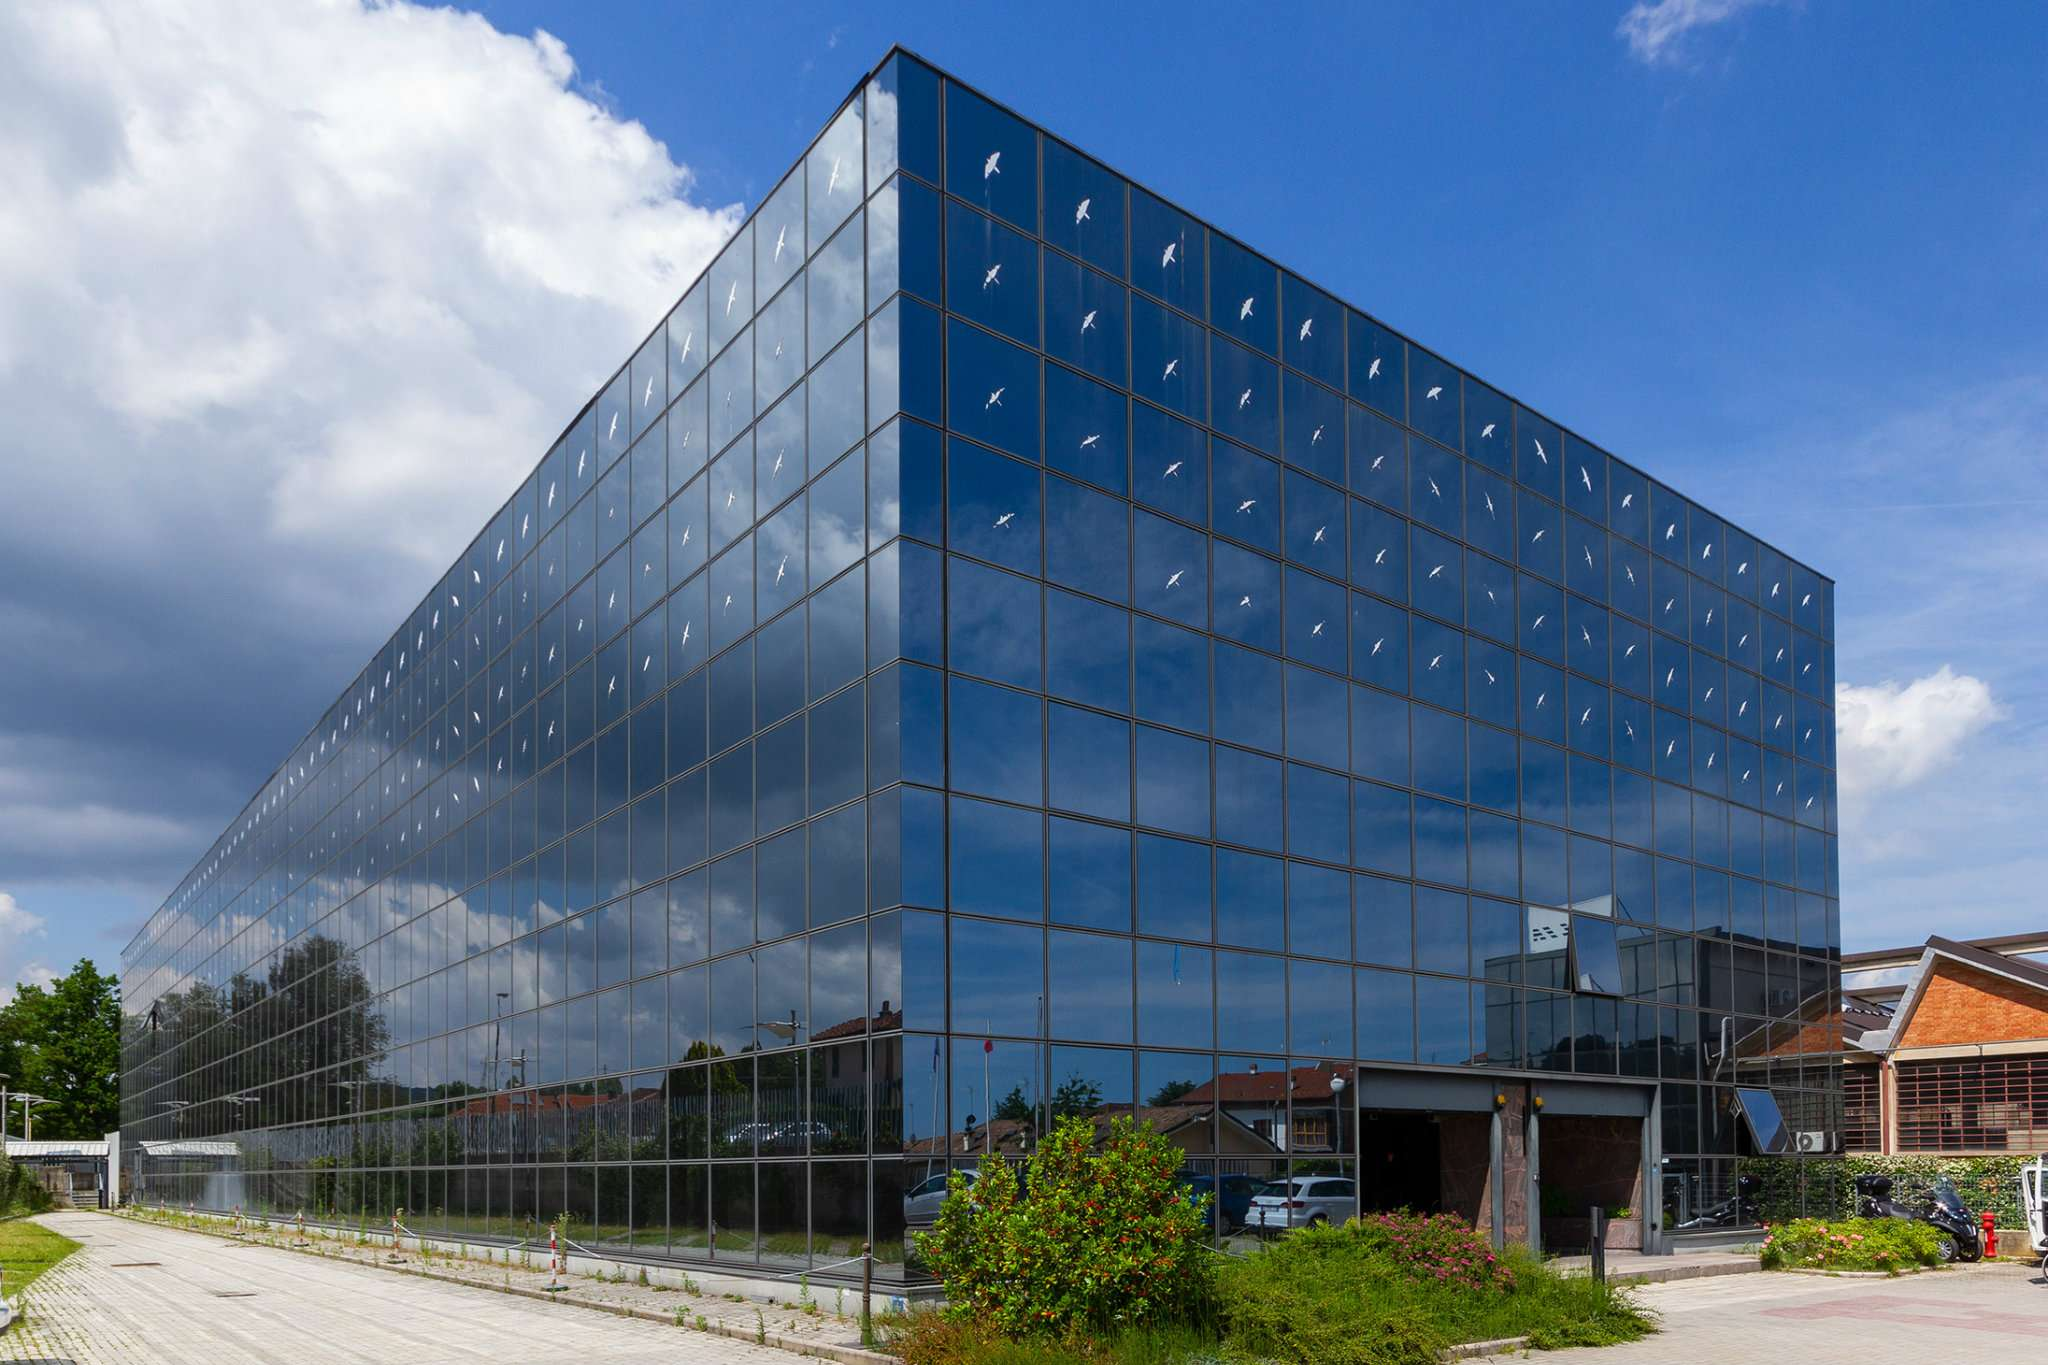 Ufficio / Studio in vendita a Chieri, 8 locali, prezzo € 3.500.000 | PortaleAgenzieImmobiliari.it